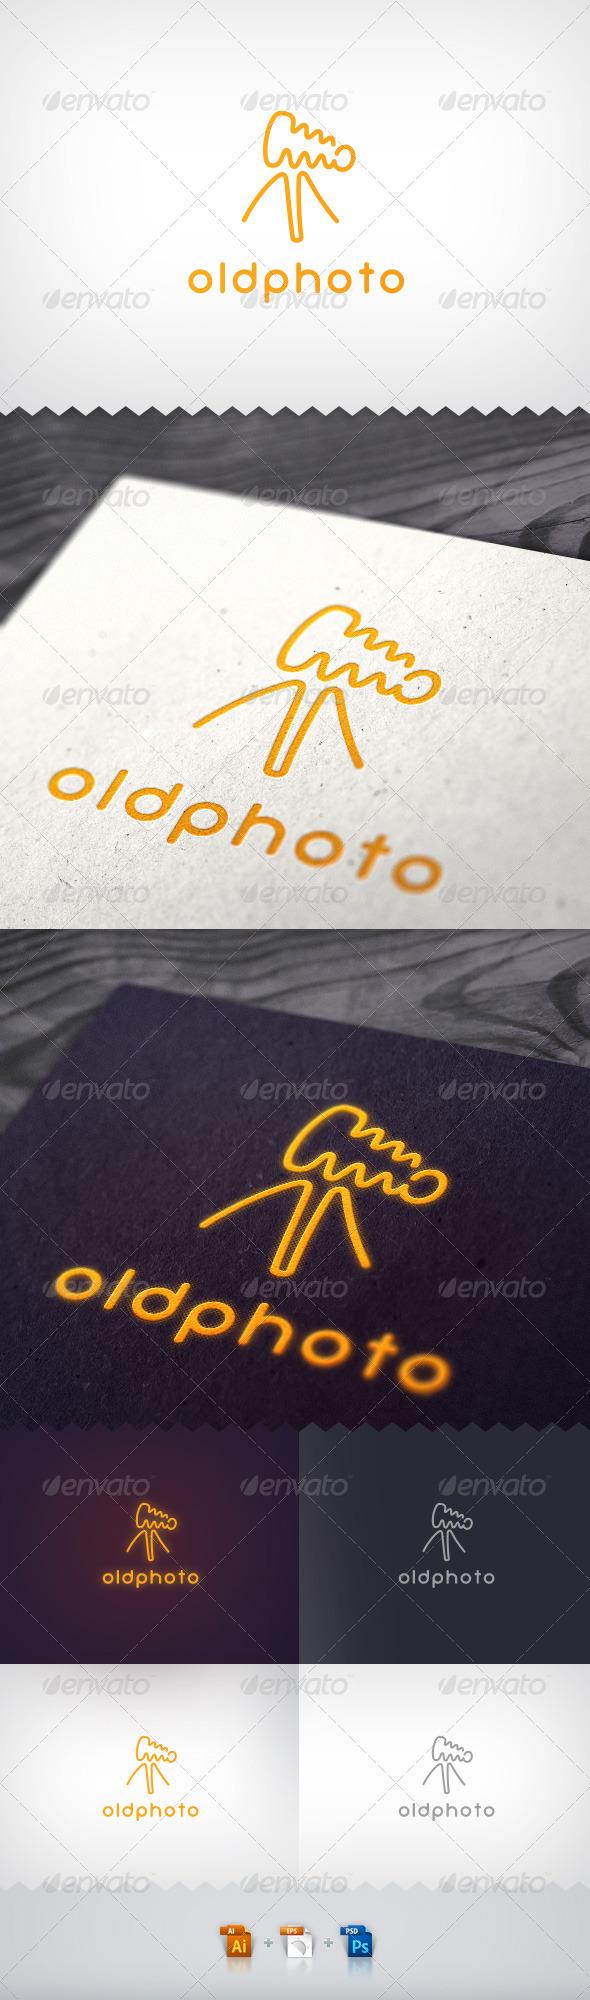 GraphicRiver Old Photo Camera Neon Logo 1871590